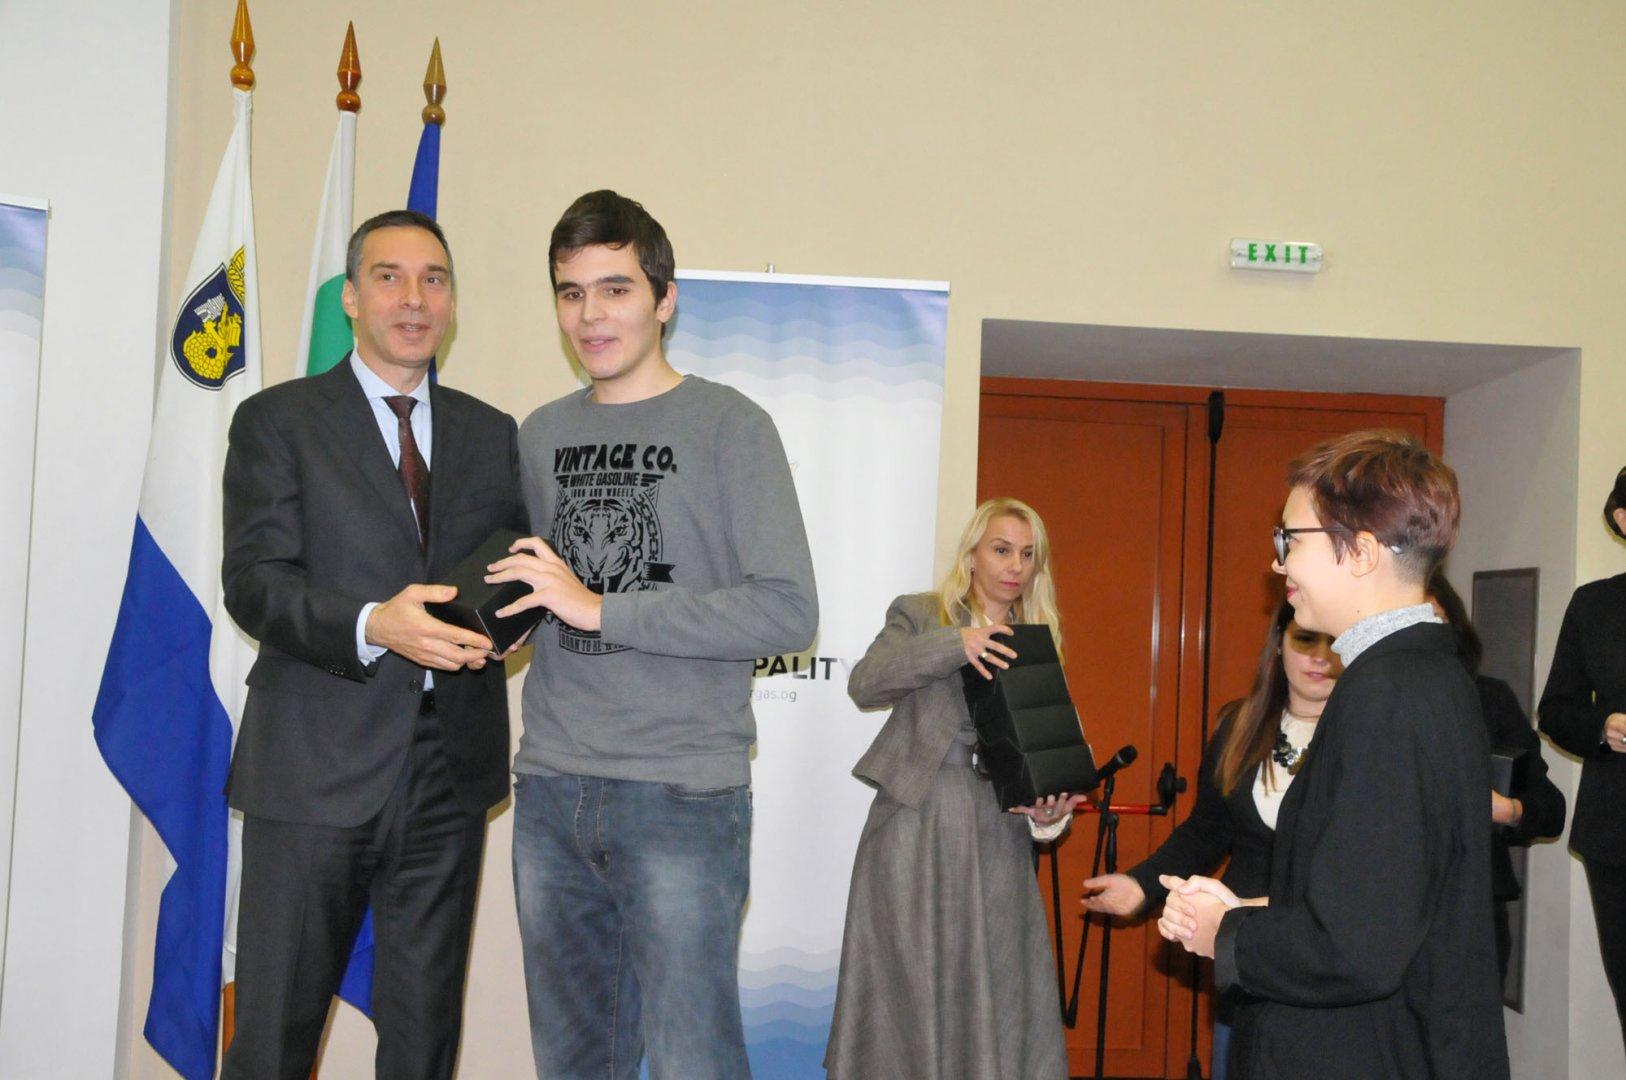 Кметът Димитър Николов връчи наградите на отличените ученици от Св. св. Кирил и Методий. Снимки Лина Главинова